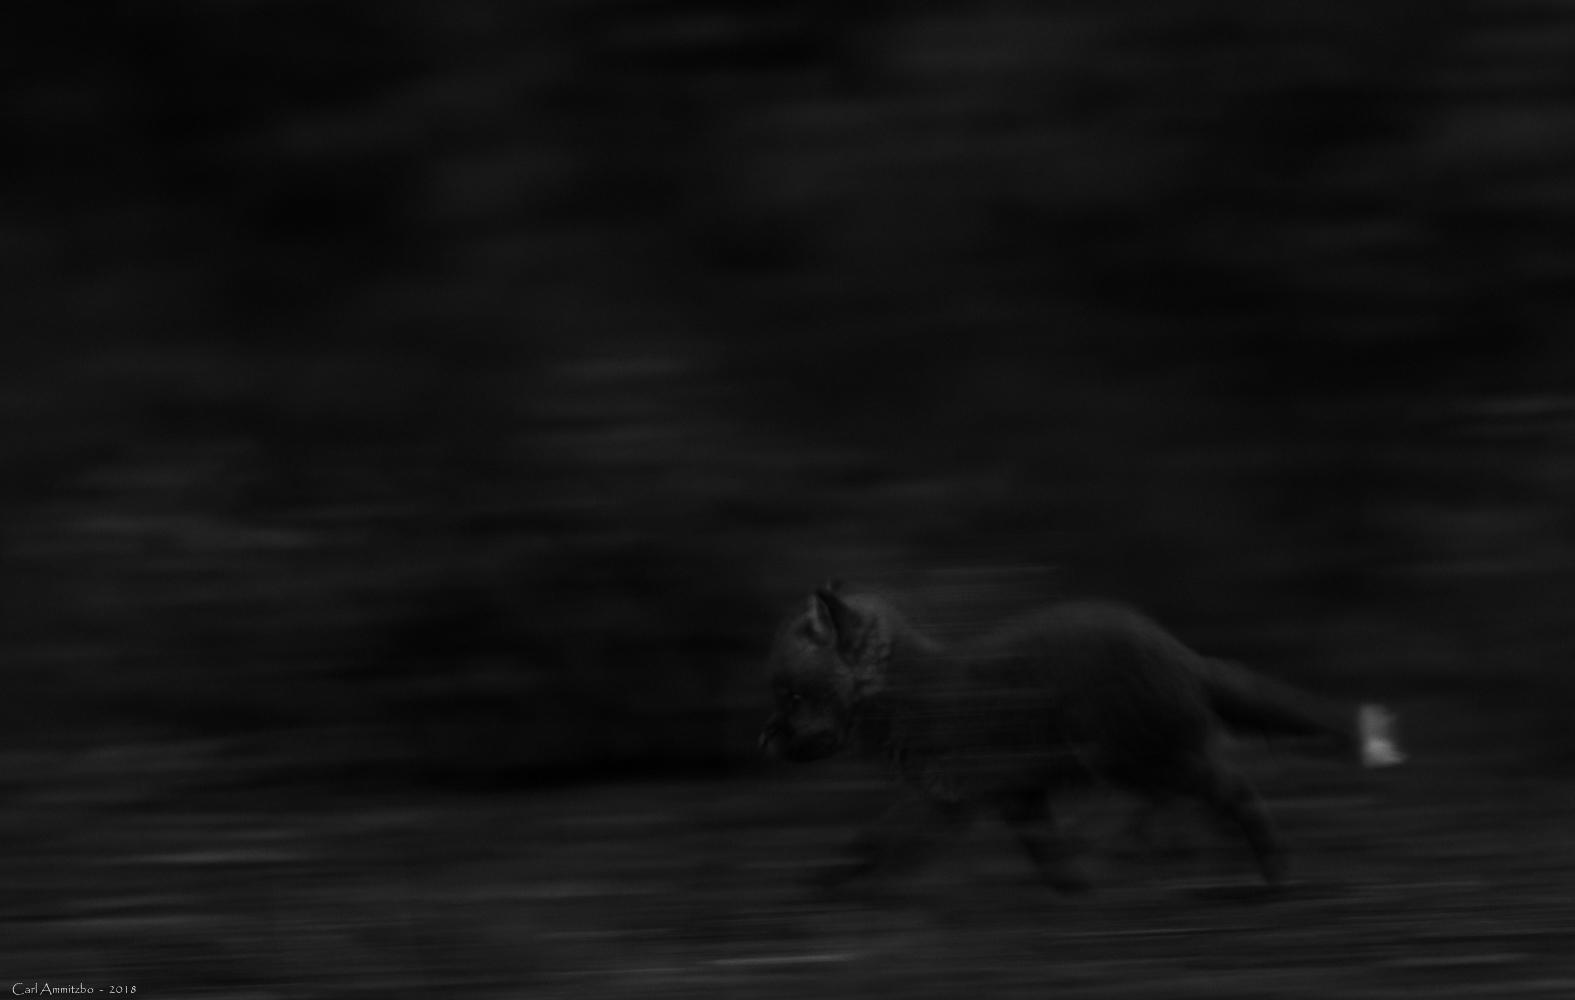 04 - 0612 - Rævehvalpe på vendeplads aften - 05sh - Bergslagen